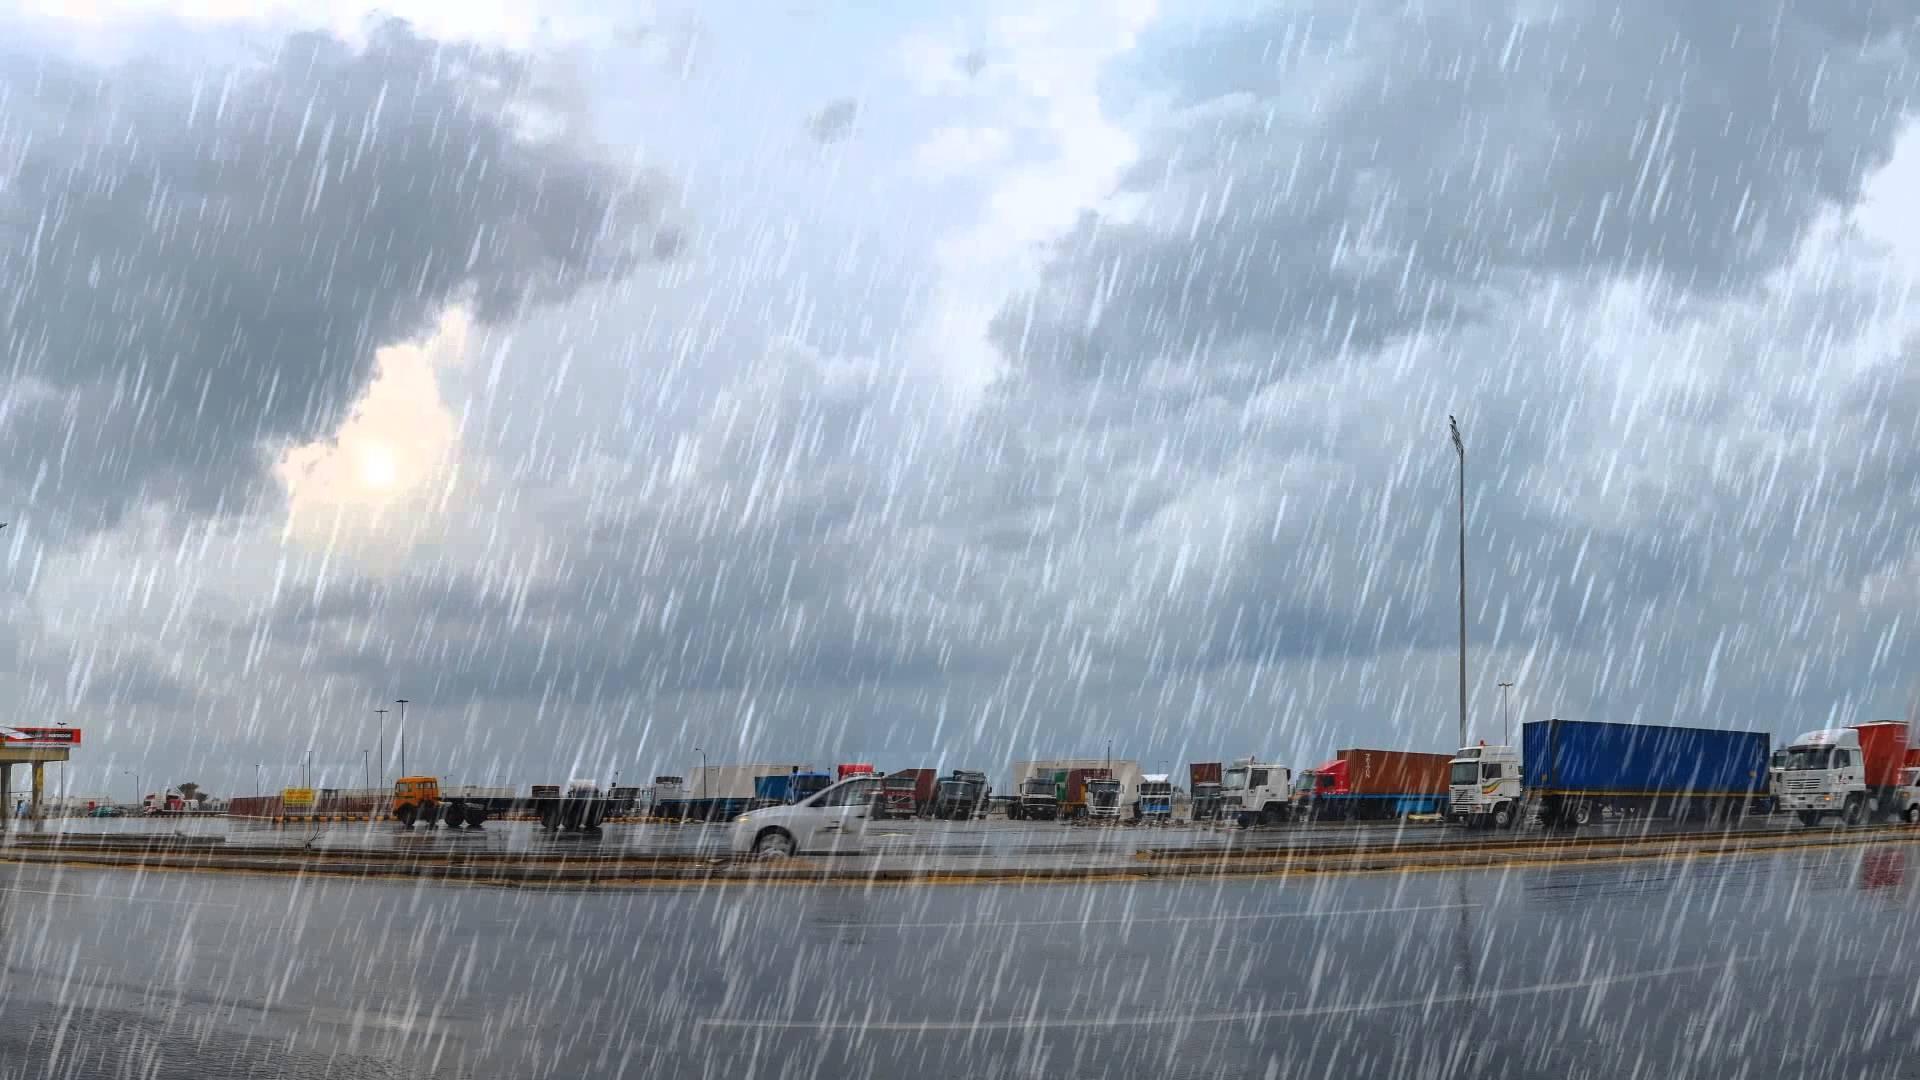 أمطار متواصلة وسماء ملبدة بالغيوم ورعد وبرق في سماء محافظة الطائف